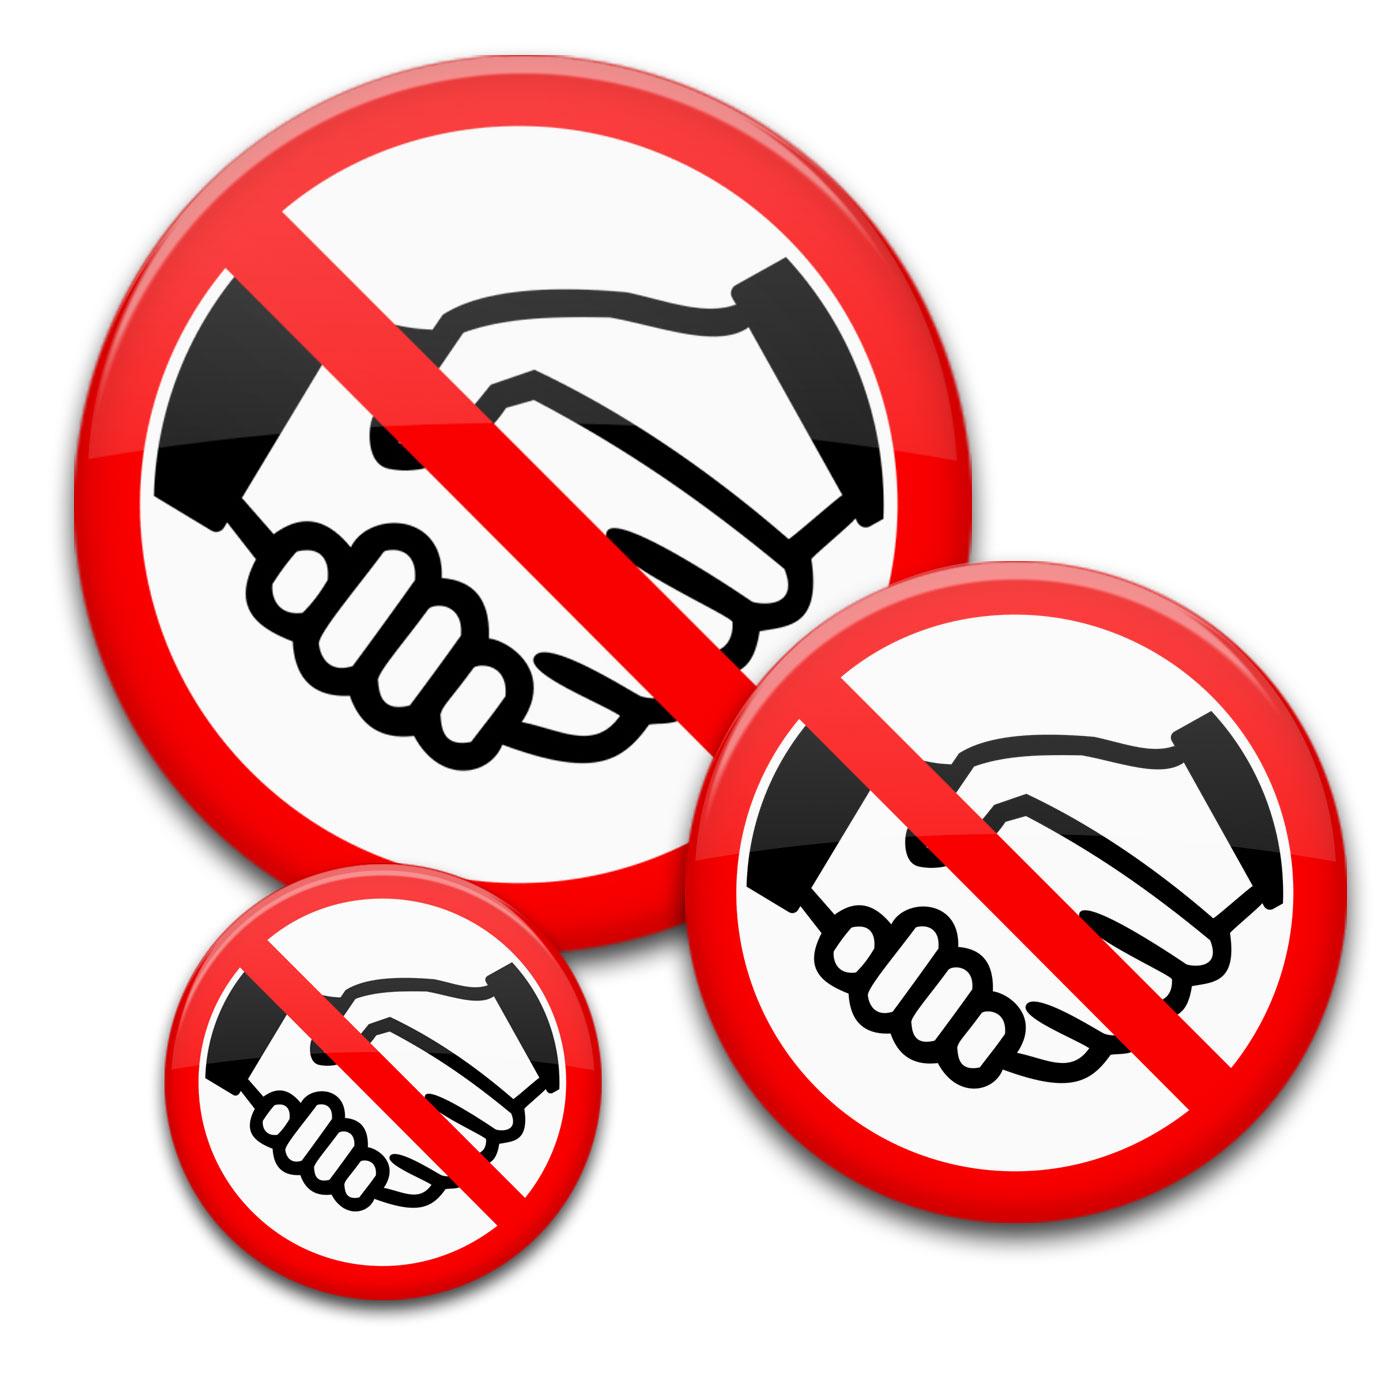 Kein Händeschütteln Buttons   No-Handshake ganzes Buttons Vorlagen